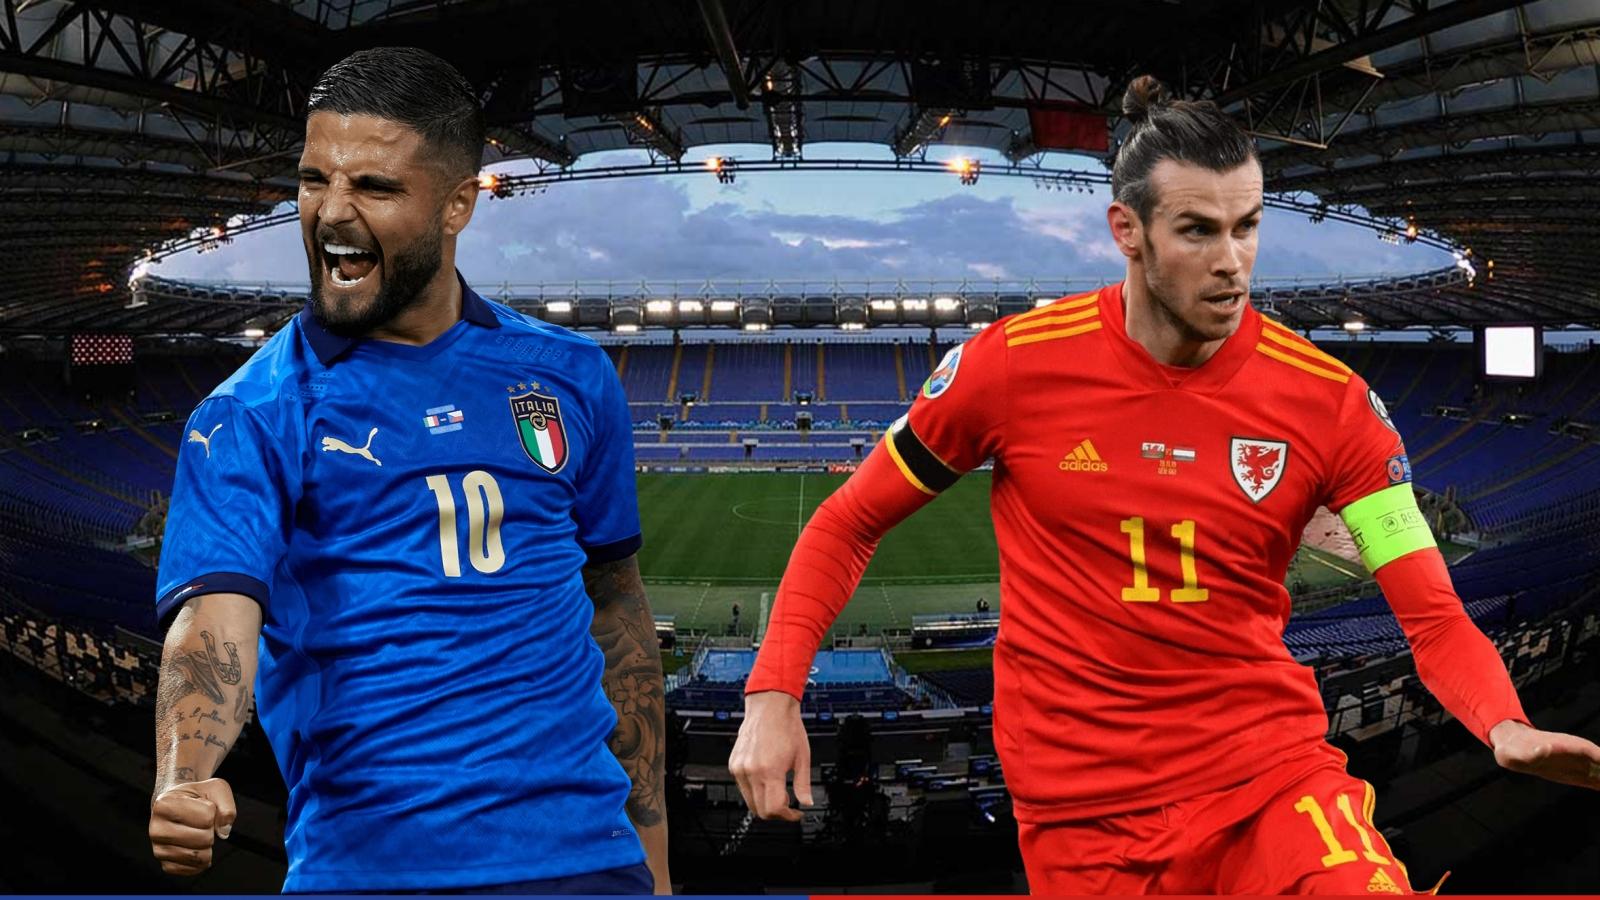 Dự đoán tỷ số, đội hình xuất phát trận Italia - Xứ Wales